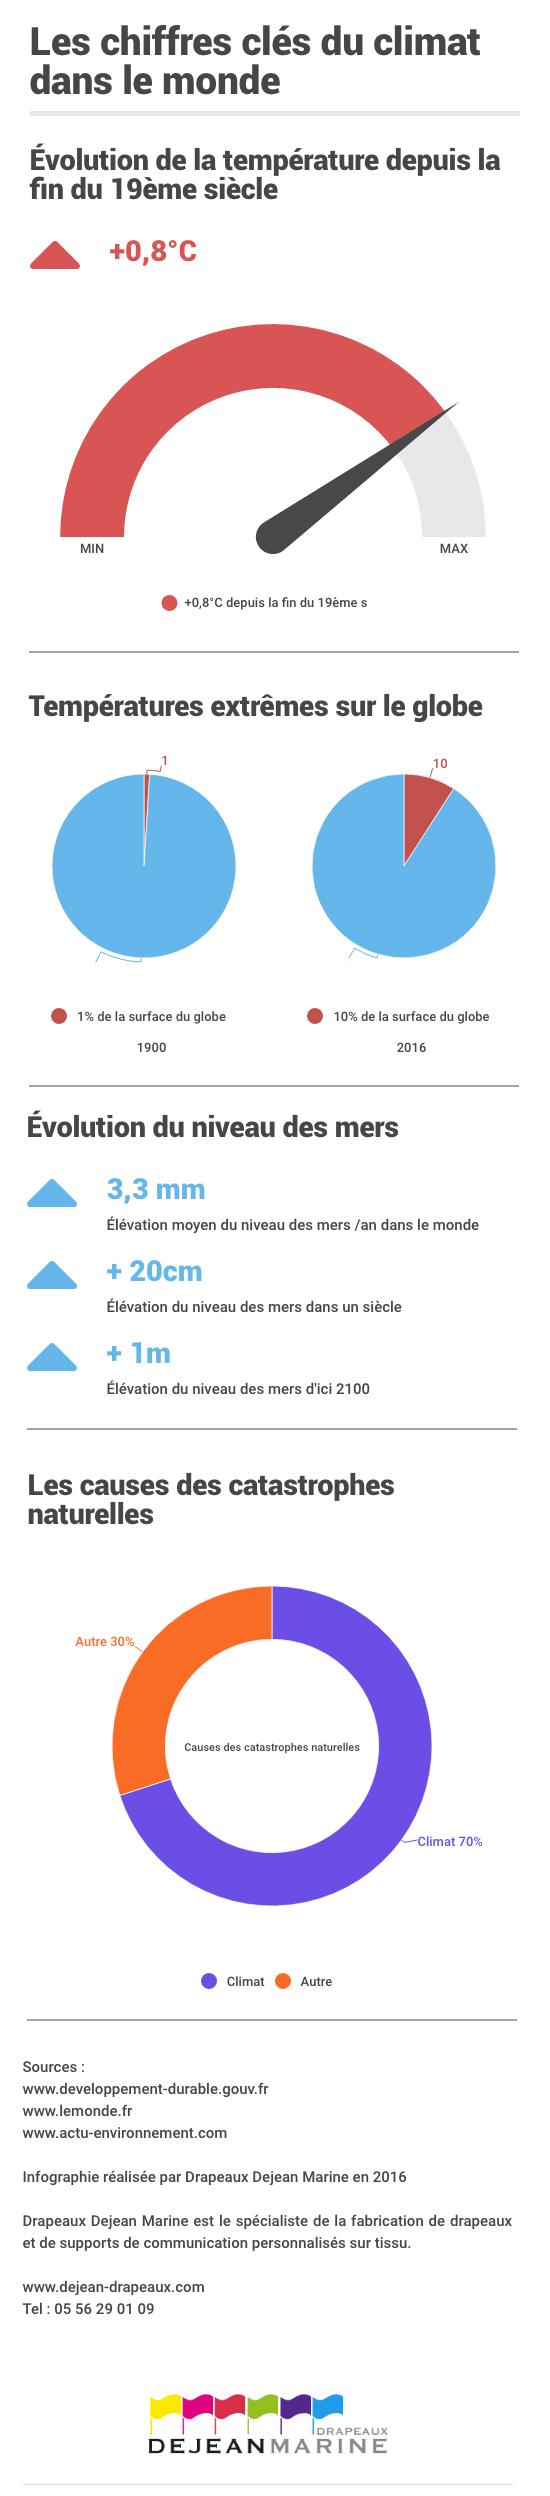 Infographie Les Chiffres Cles Du Climat Dans Le Monde Drapeaux Dejean Marine